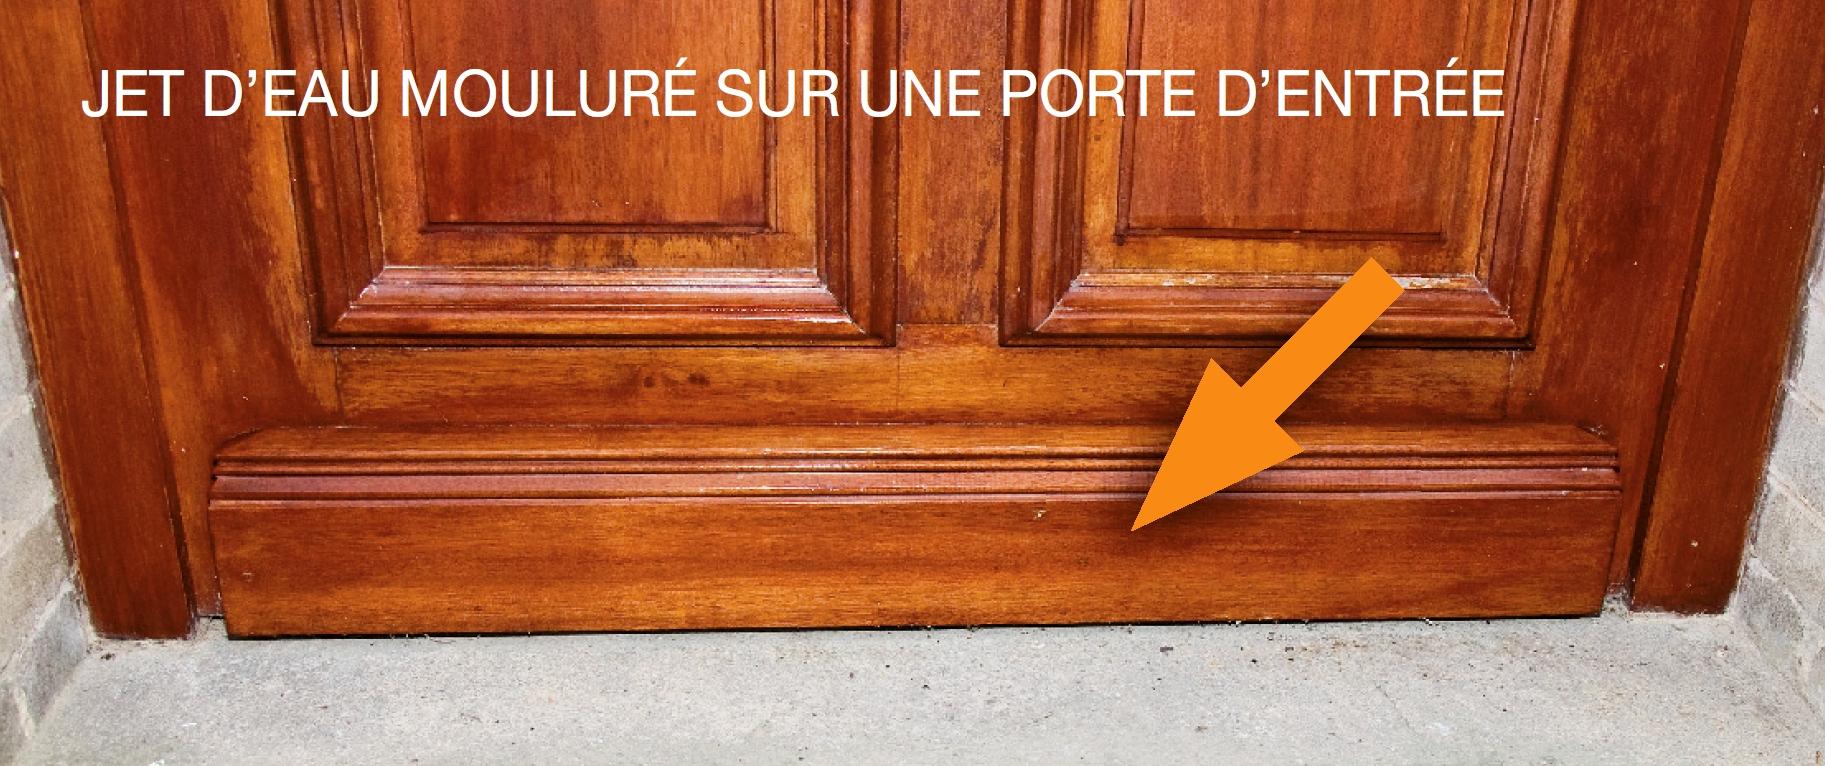 largeur d une porte d entree. Black Bedroom Furniture Sets. Home Design Ideas